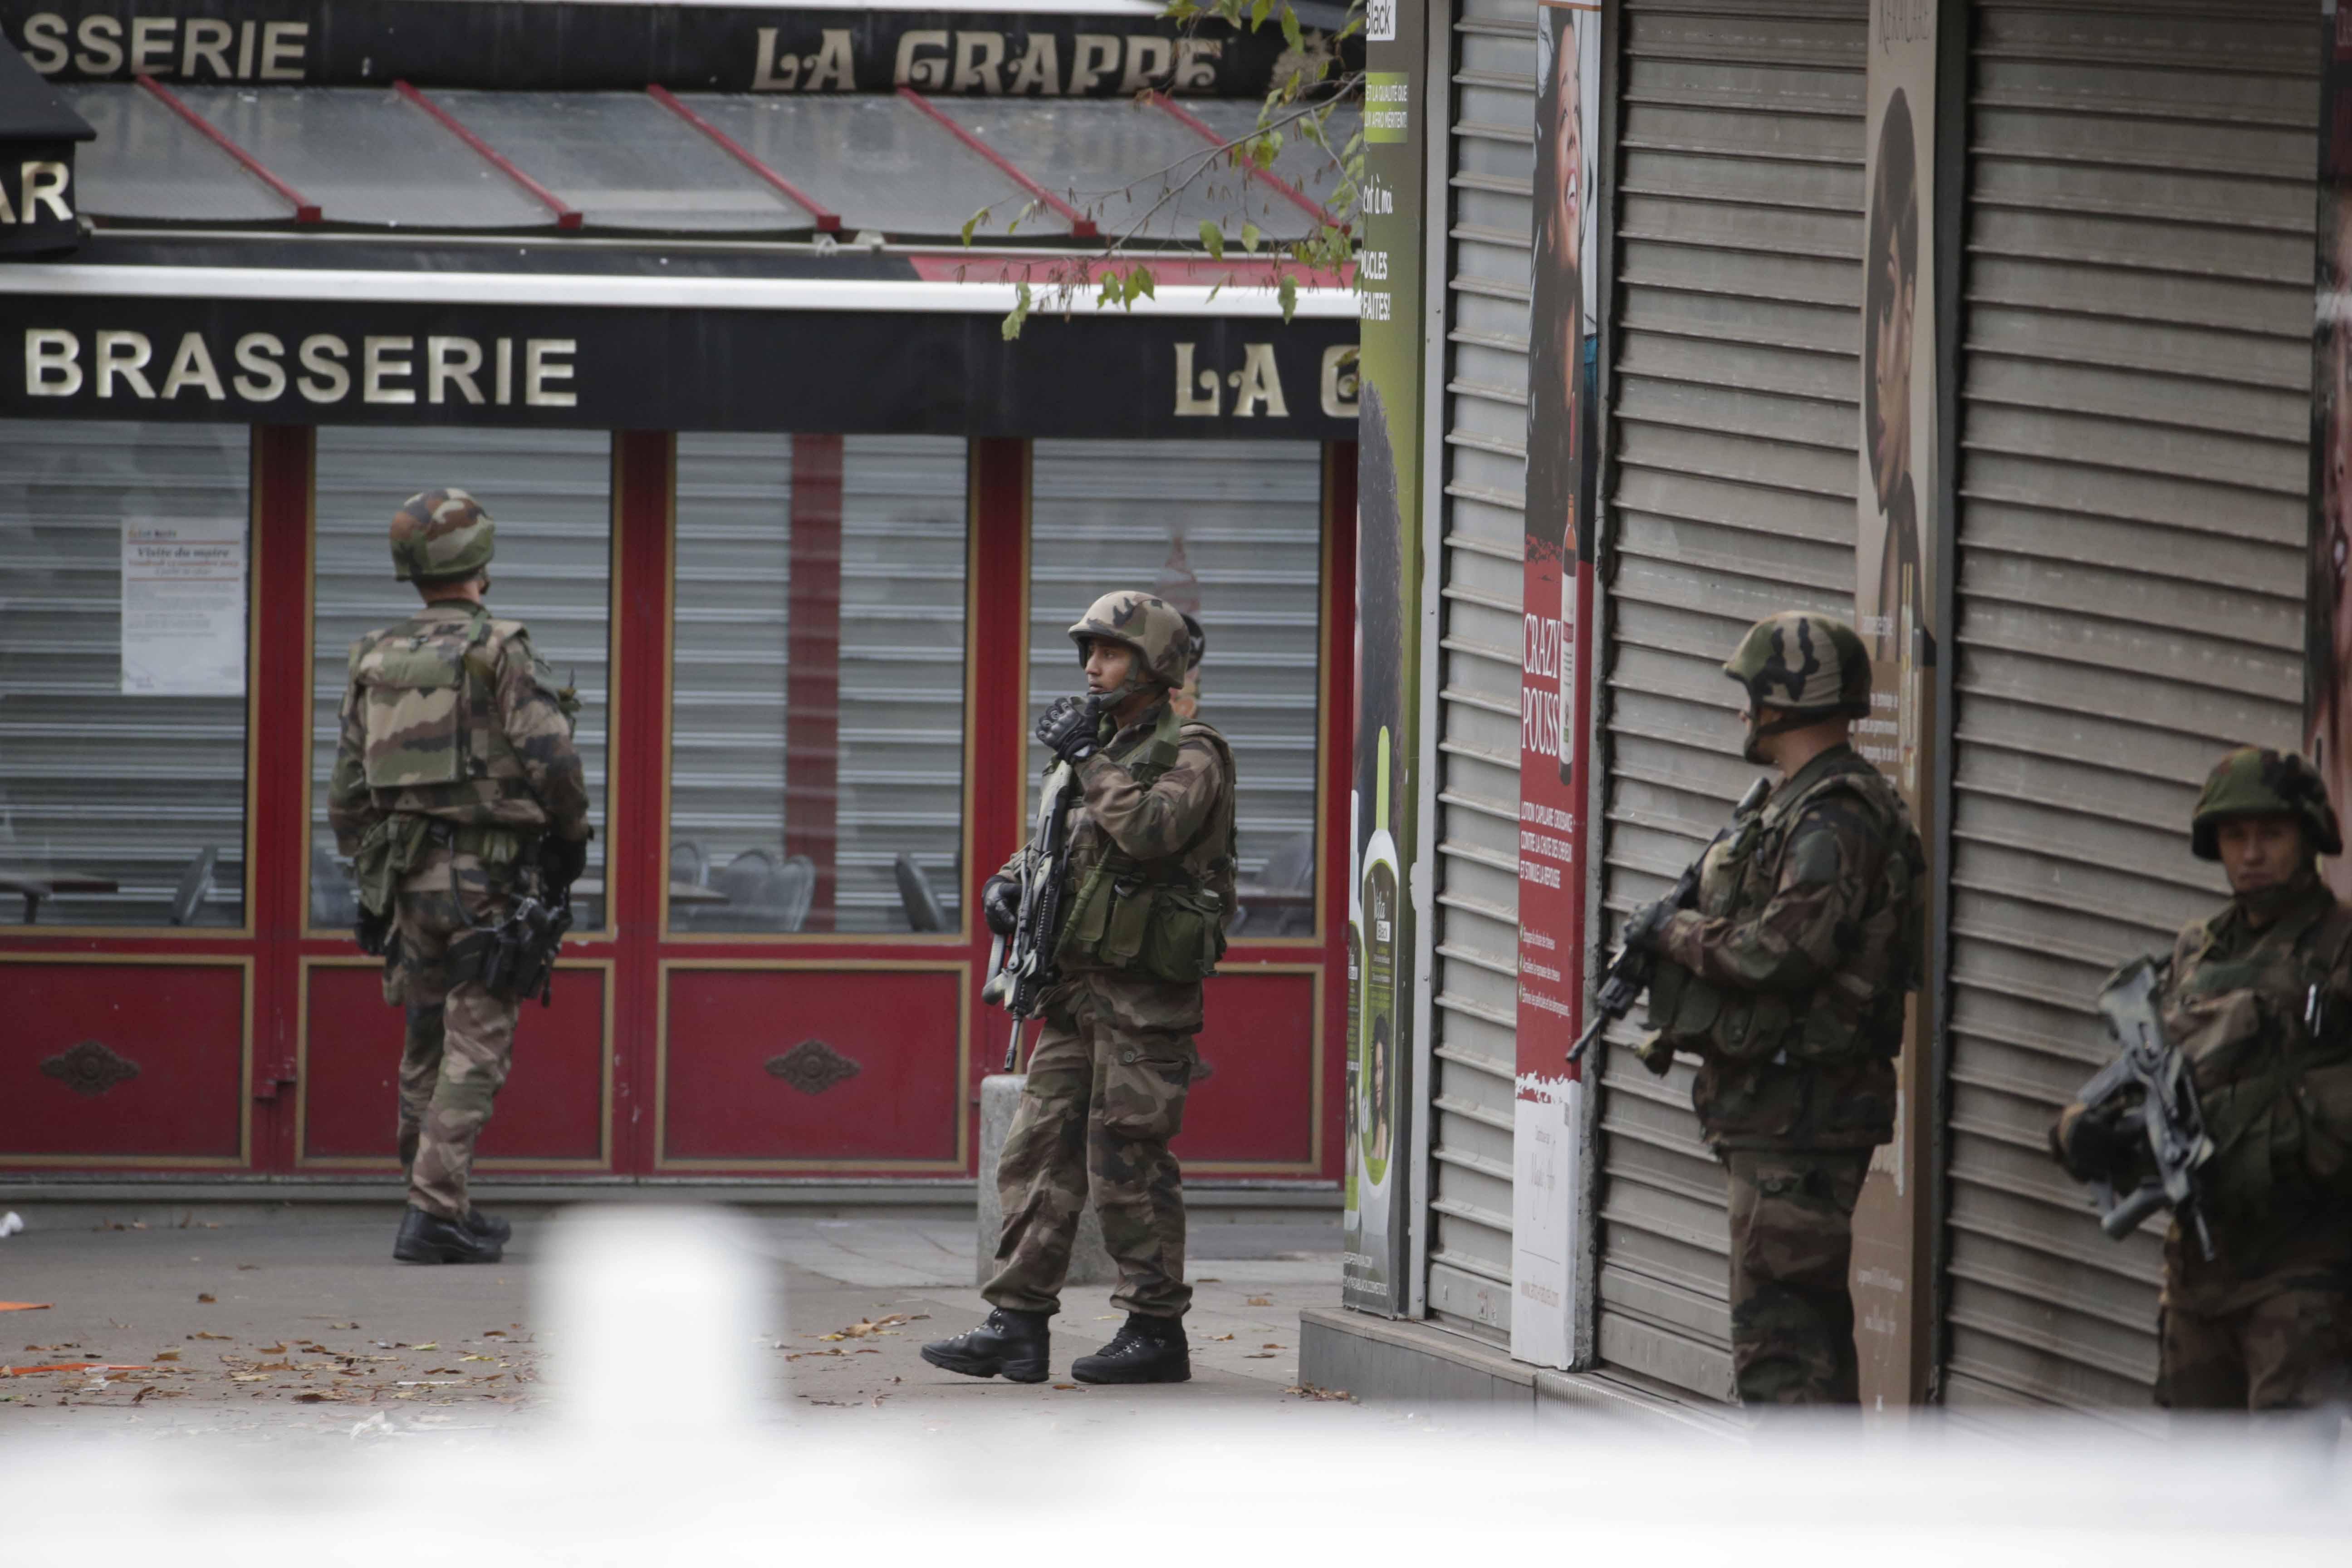 Foto de archivo de una redada antiterrorista en París. (Foto: AFP)